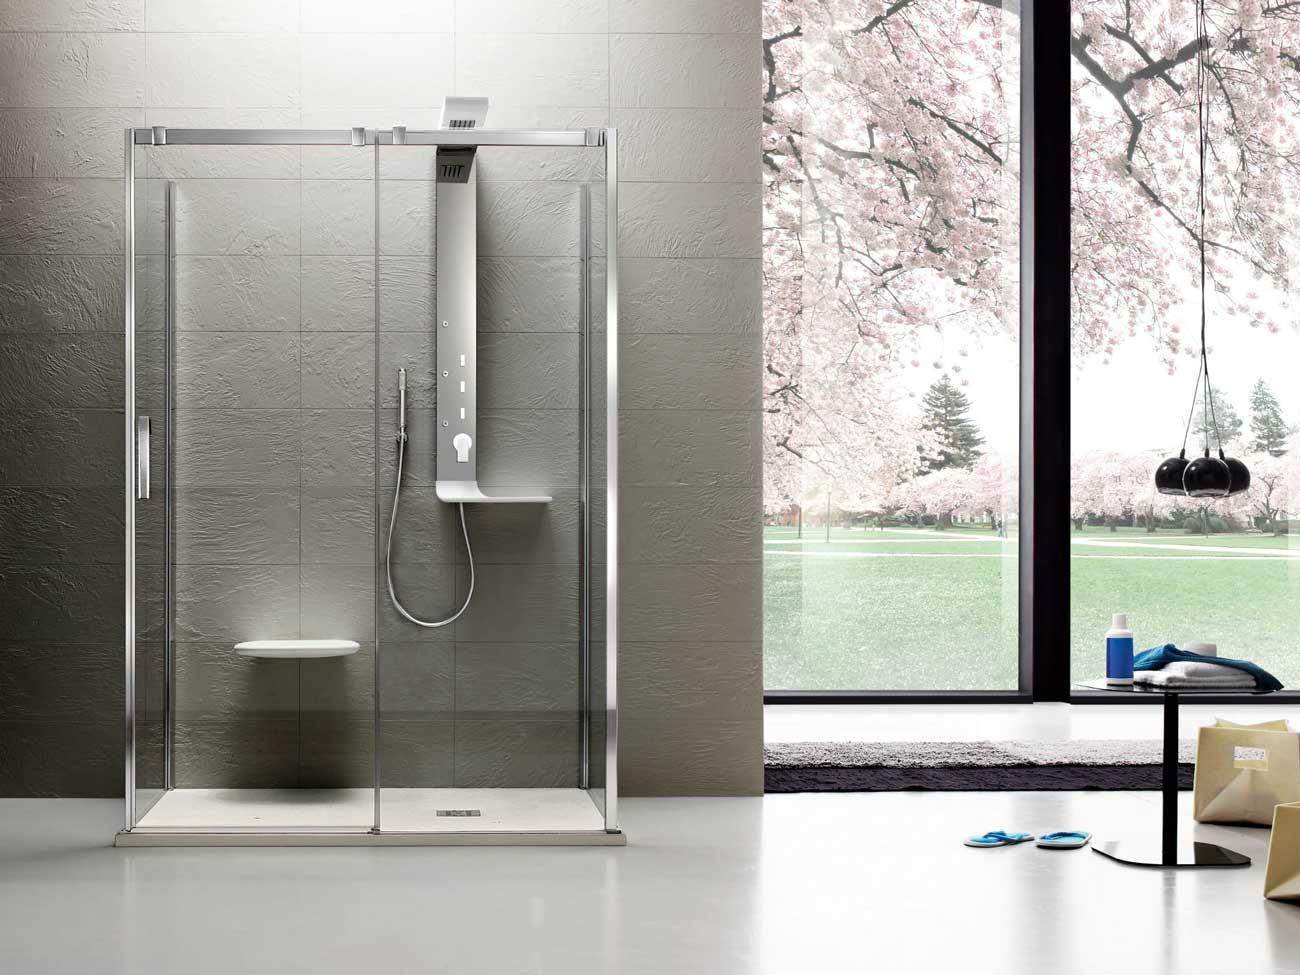 Box doccia e piatto doccia silvestri arredo bagno - Doccia design moderno ...